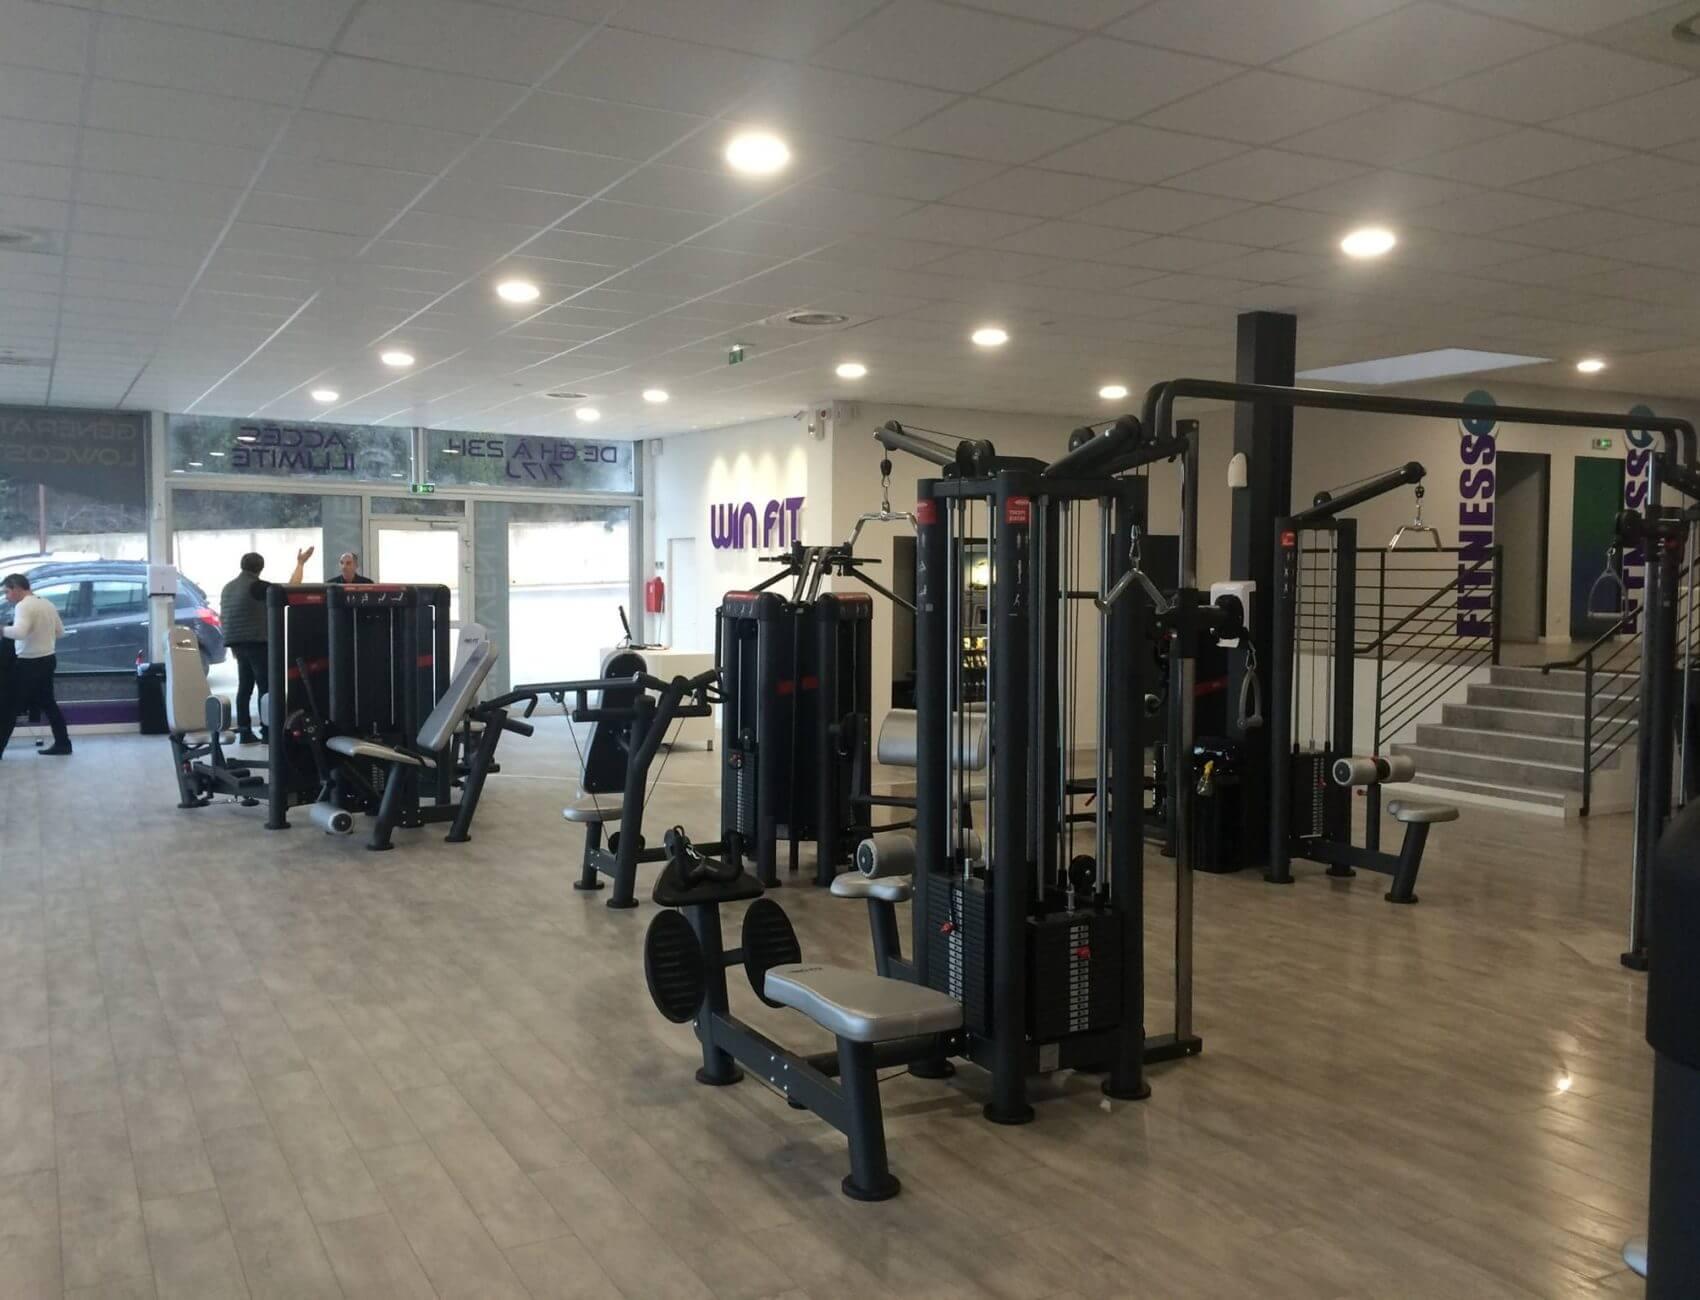 Galerie echipamente fitness 2014 - 6